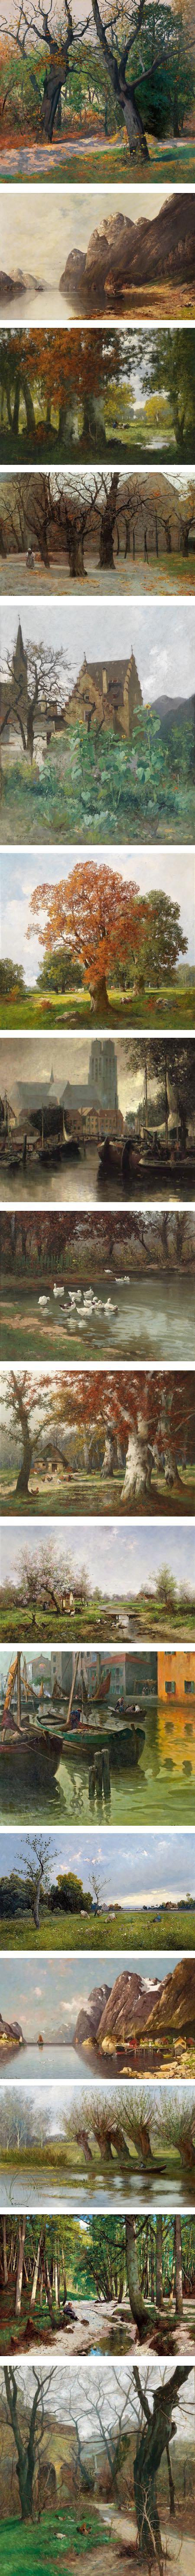 Adolf Kauffmann, landscape paintings